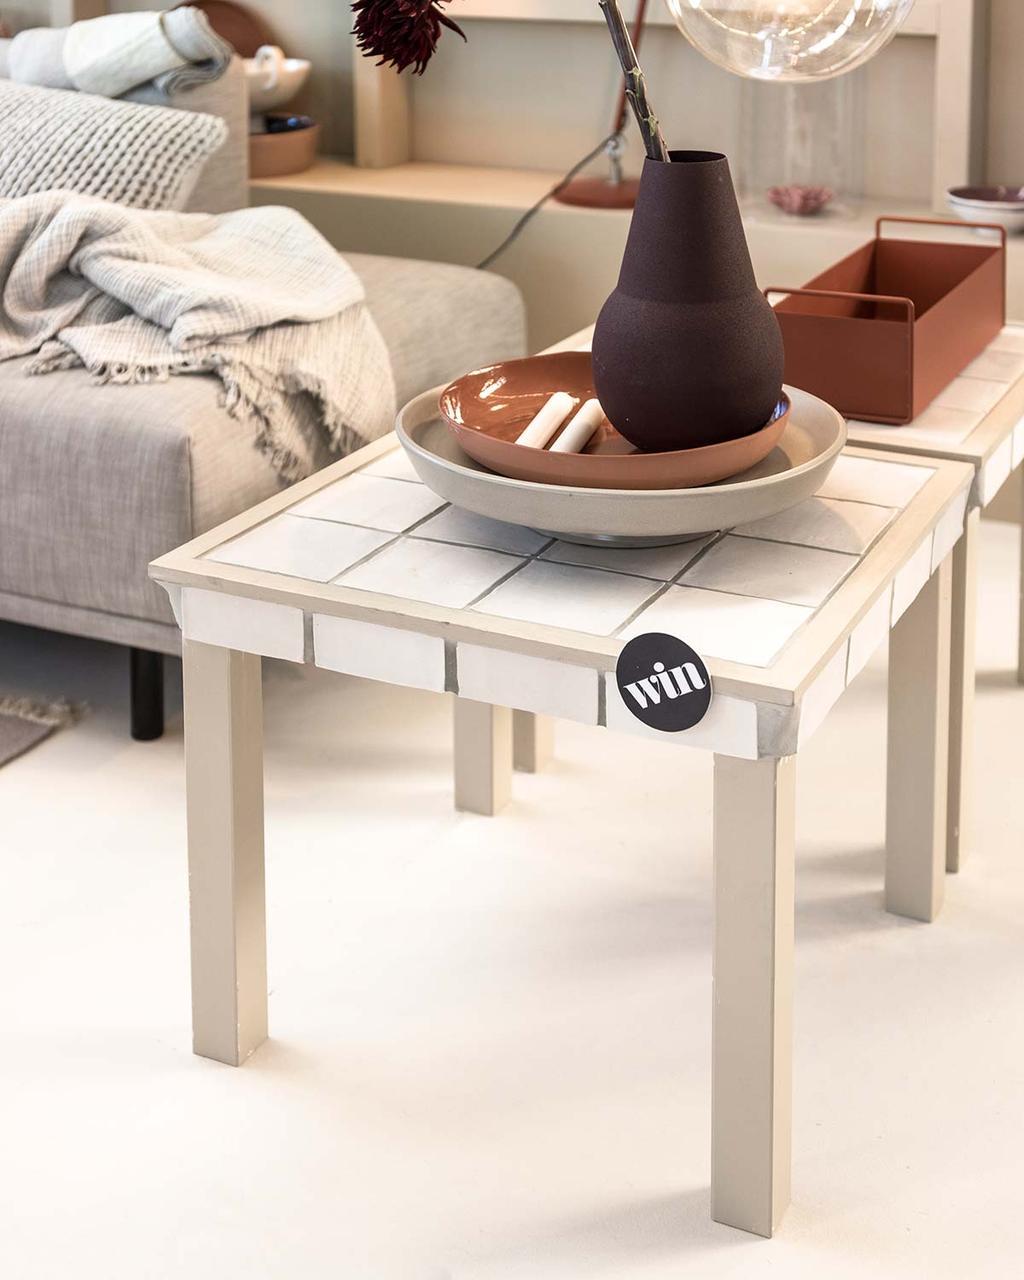 Moderne woonkamer in het vtwonen huis: win een salontafel met tegels